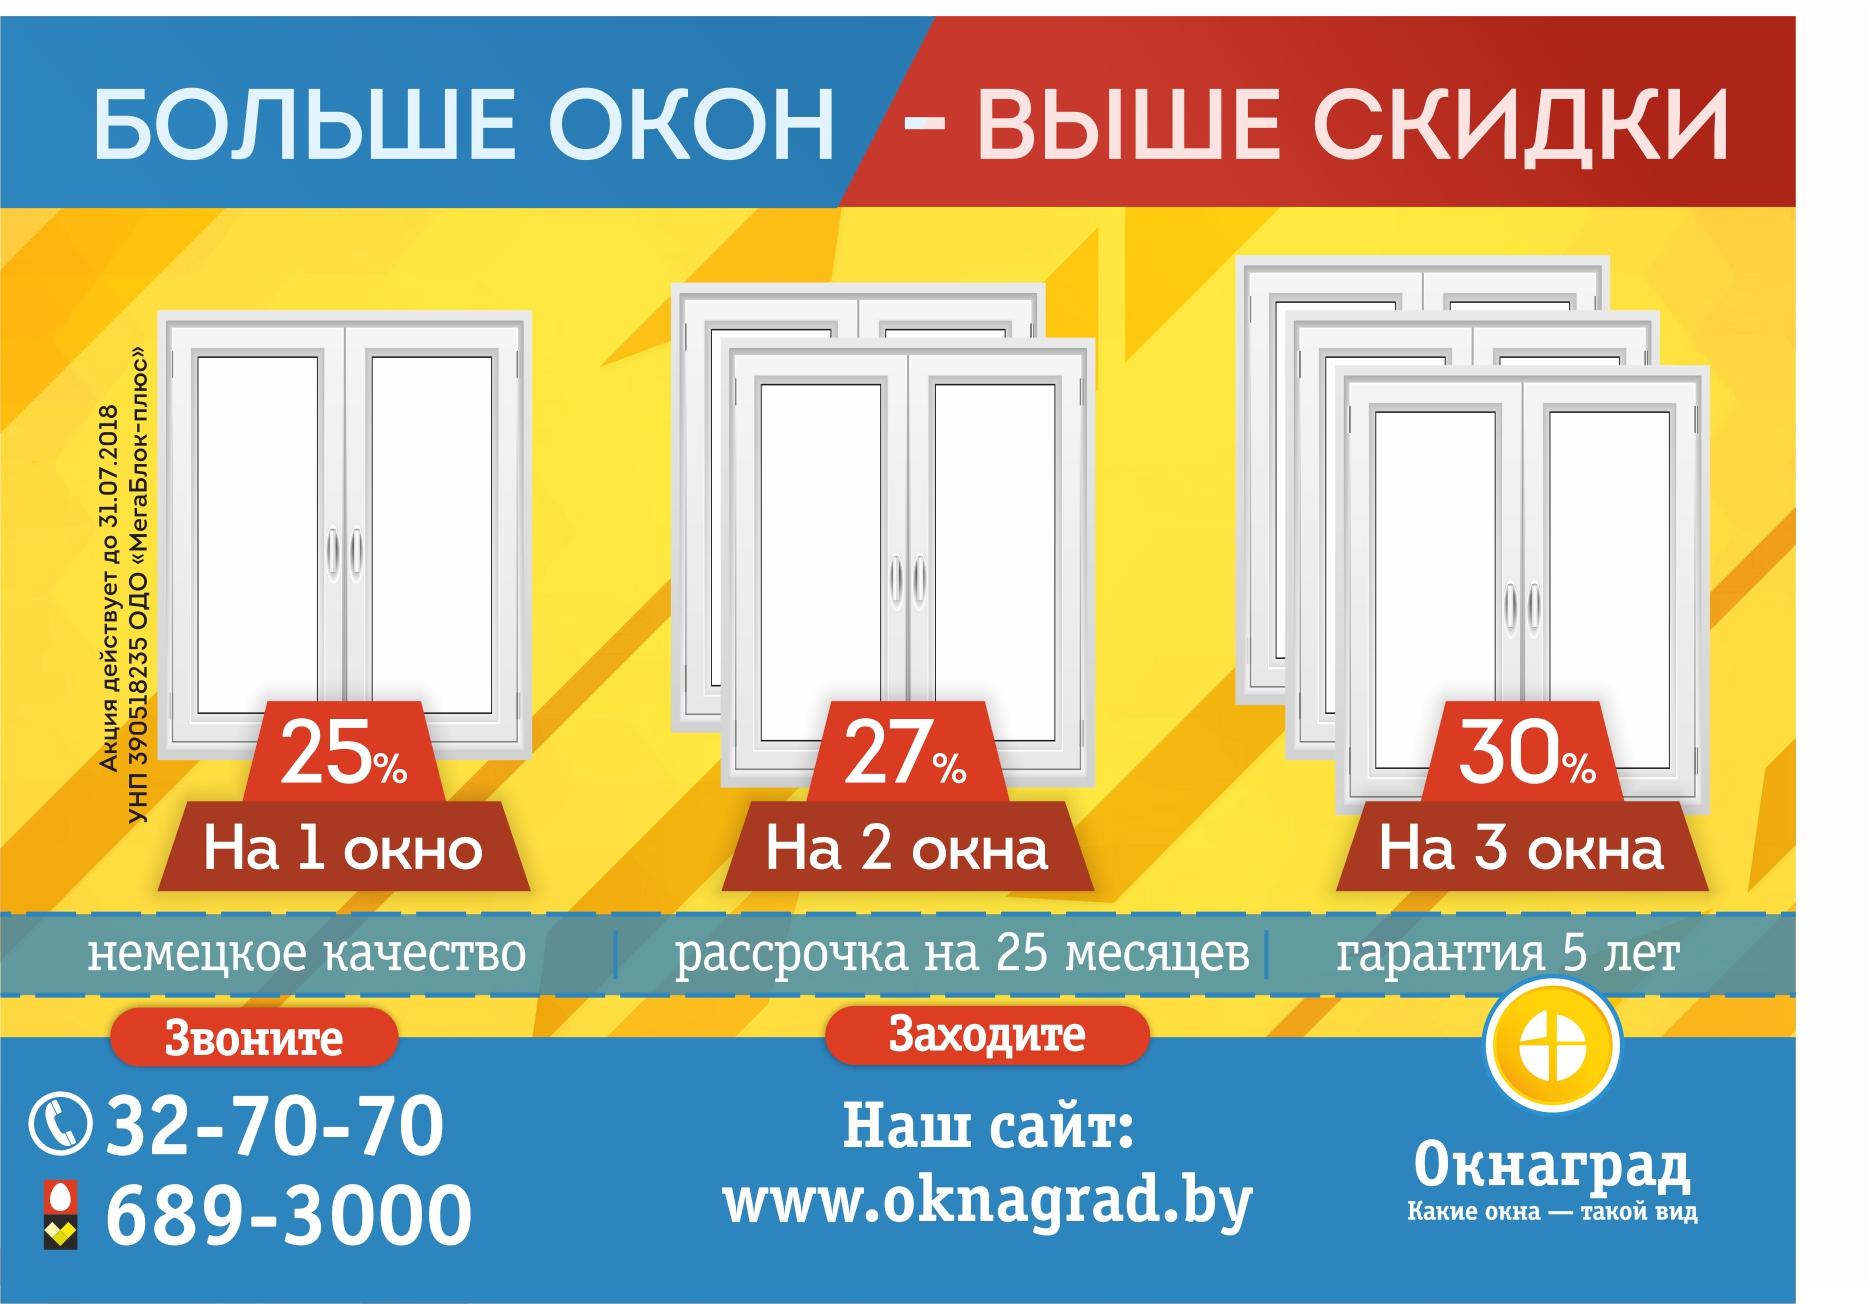 Заказать окна в июле выгодно: акция «Больше окон — выше скидки!»